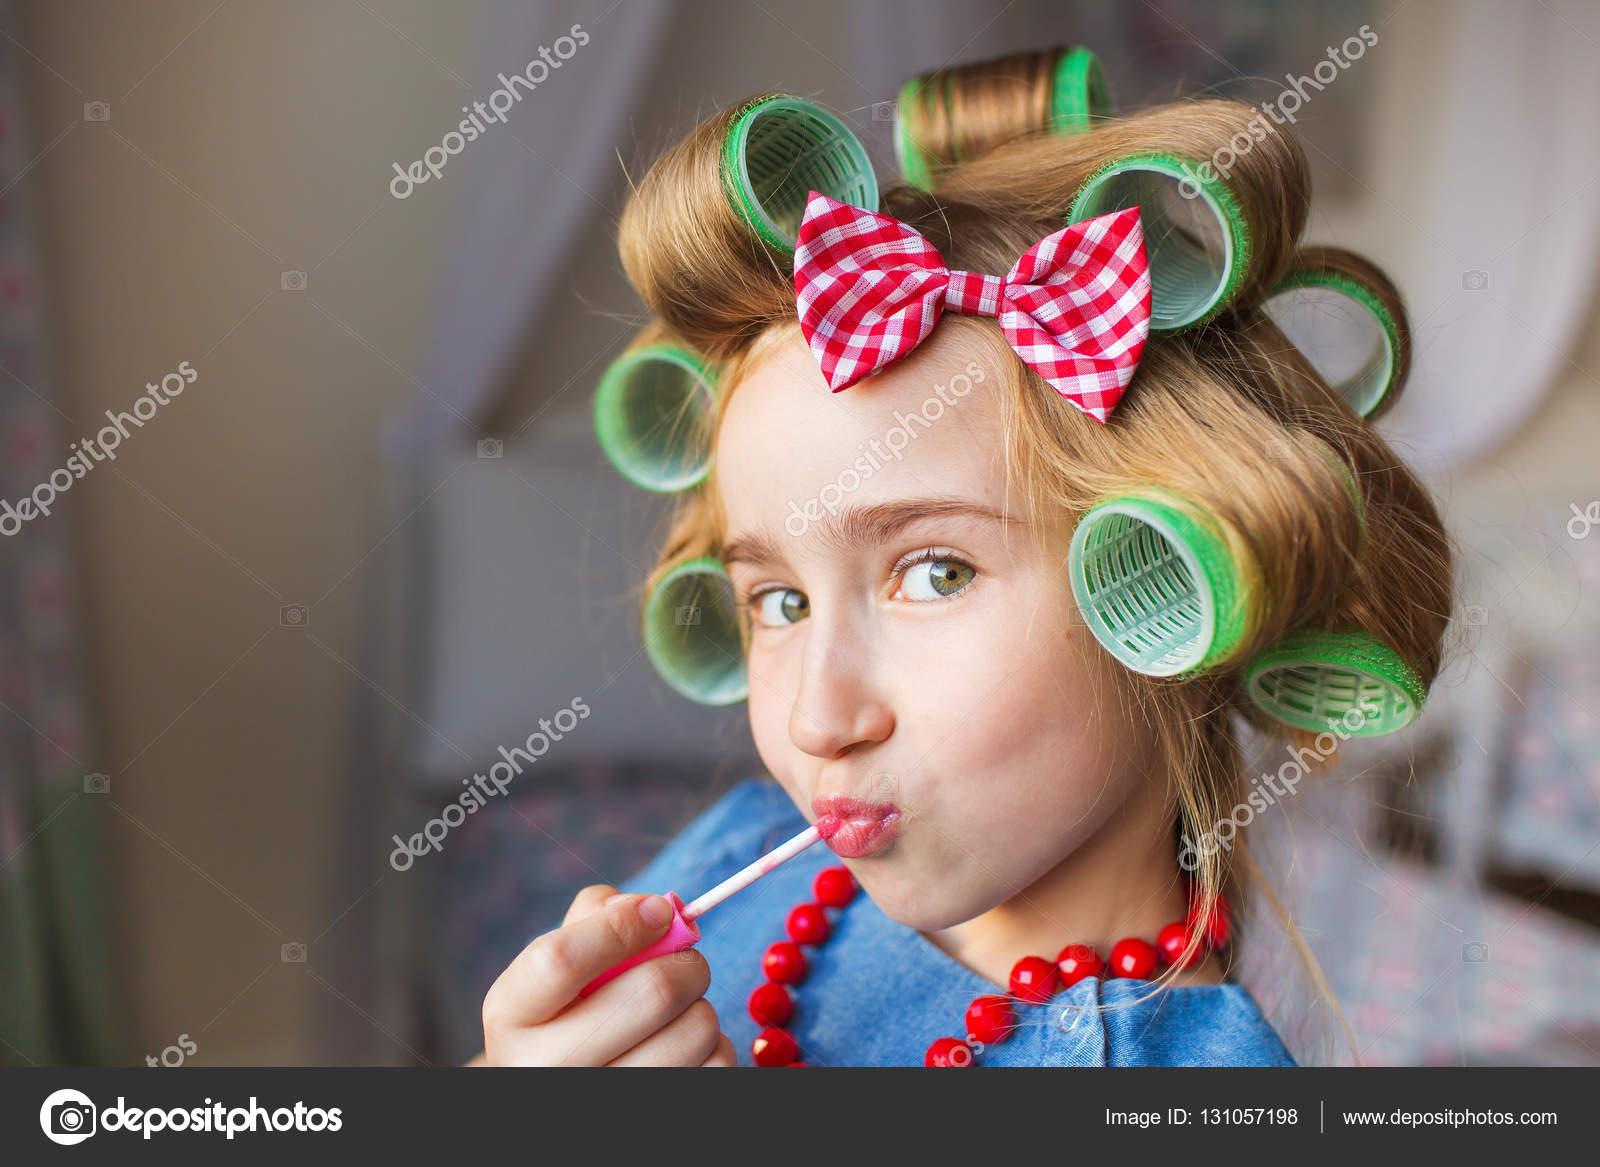 Ritratto Di Bambina Divertente Con Un Bigodini E Rossetto A Portata